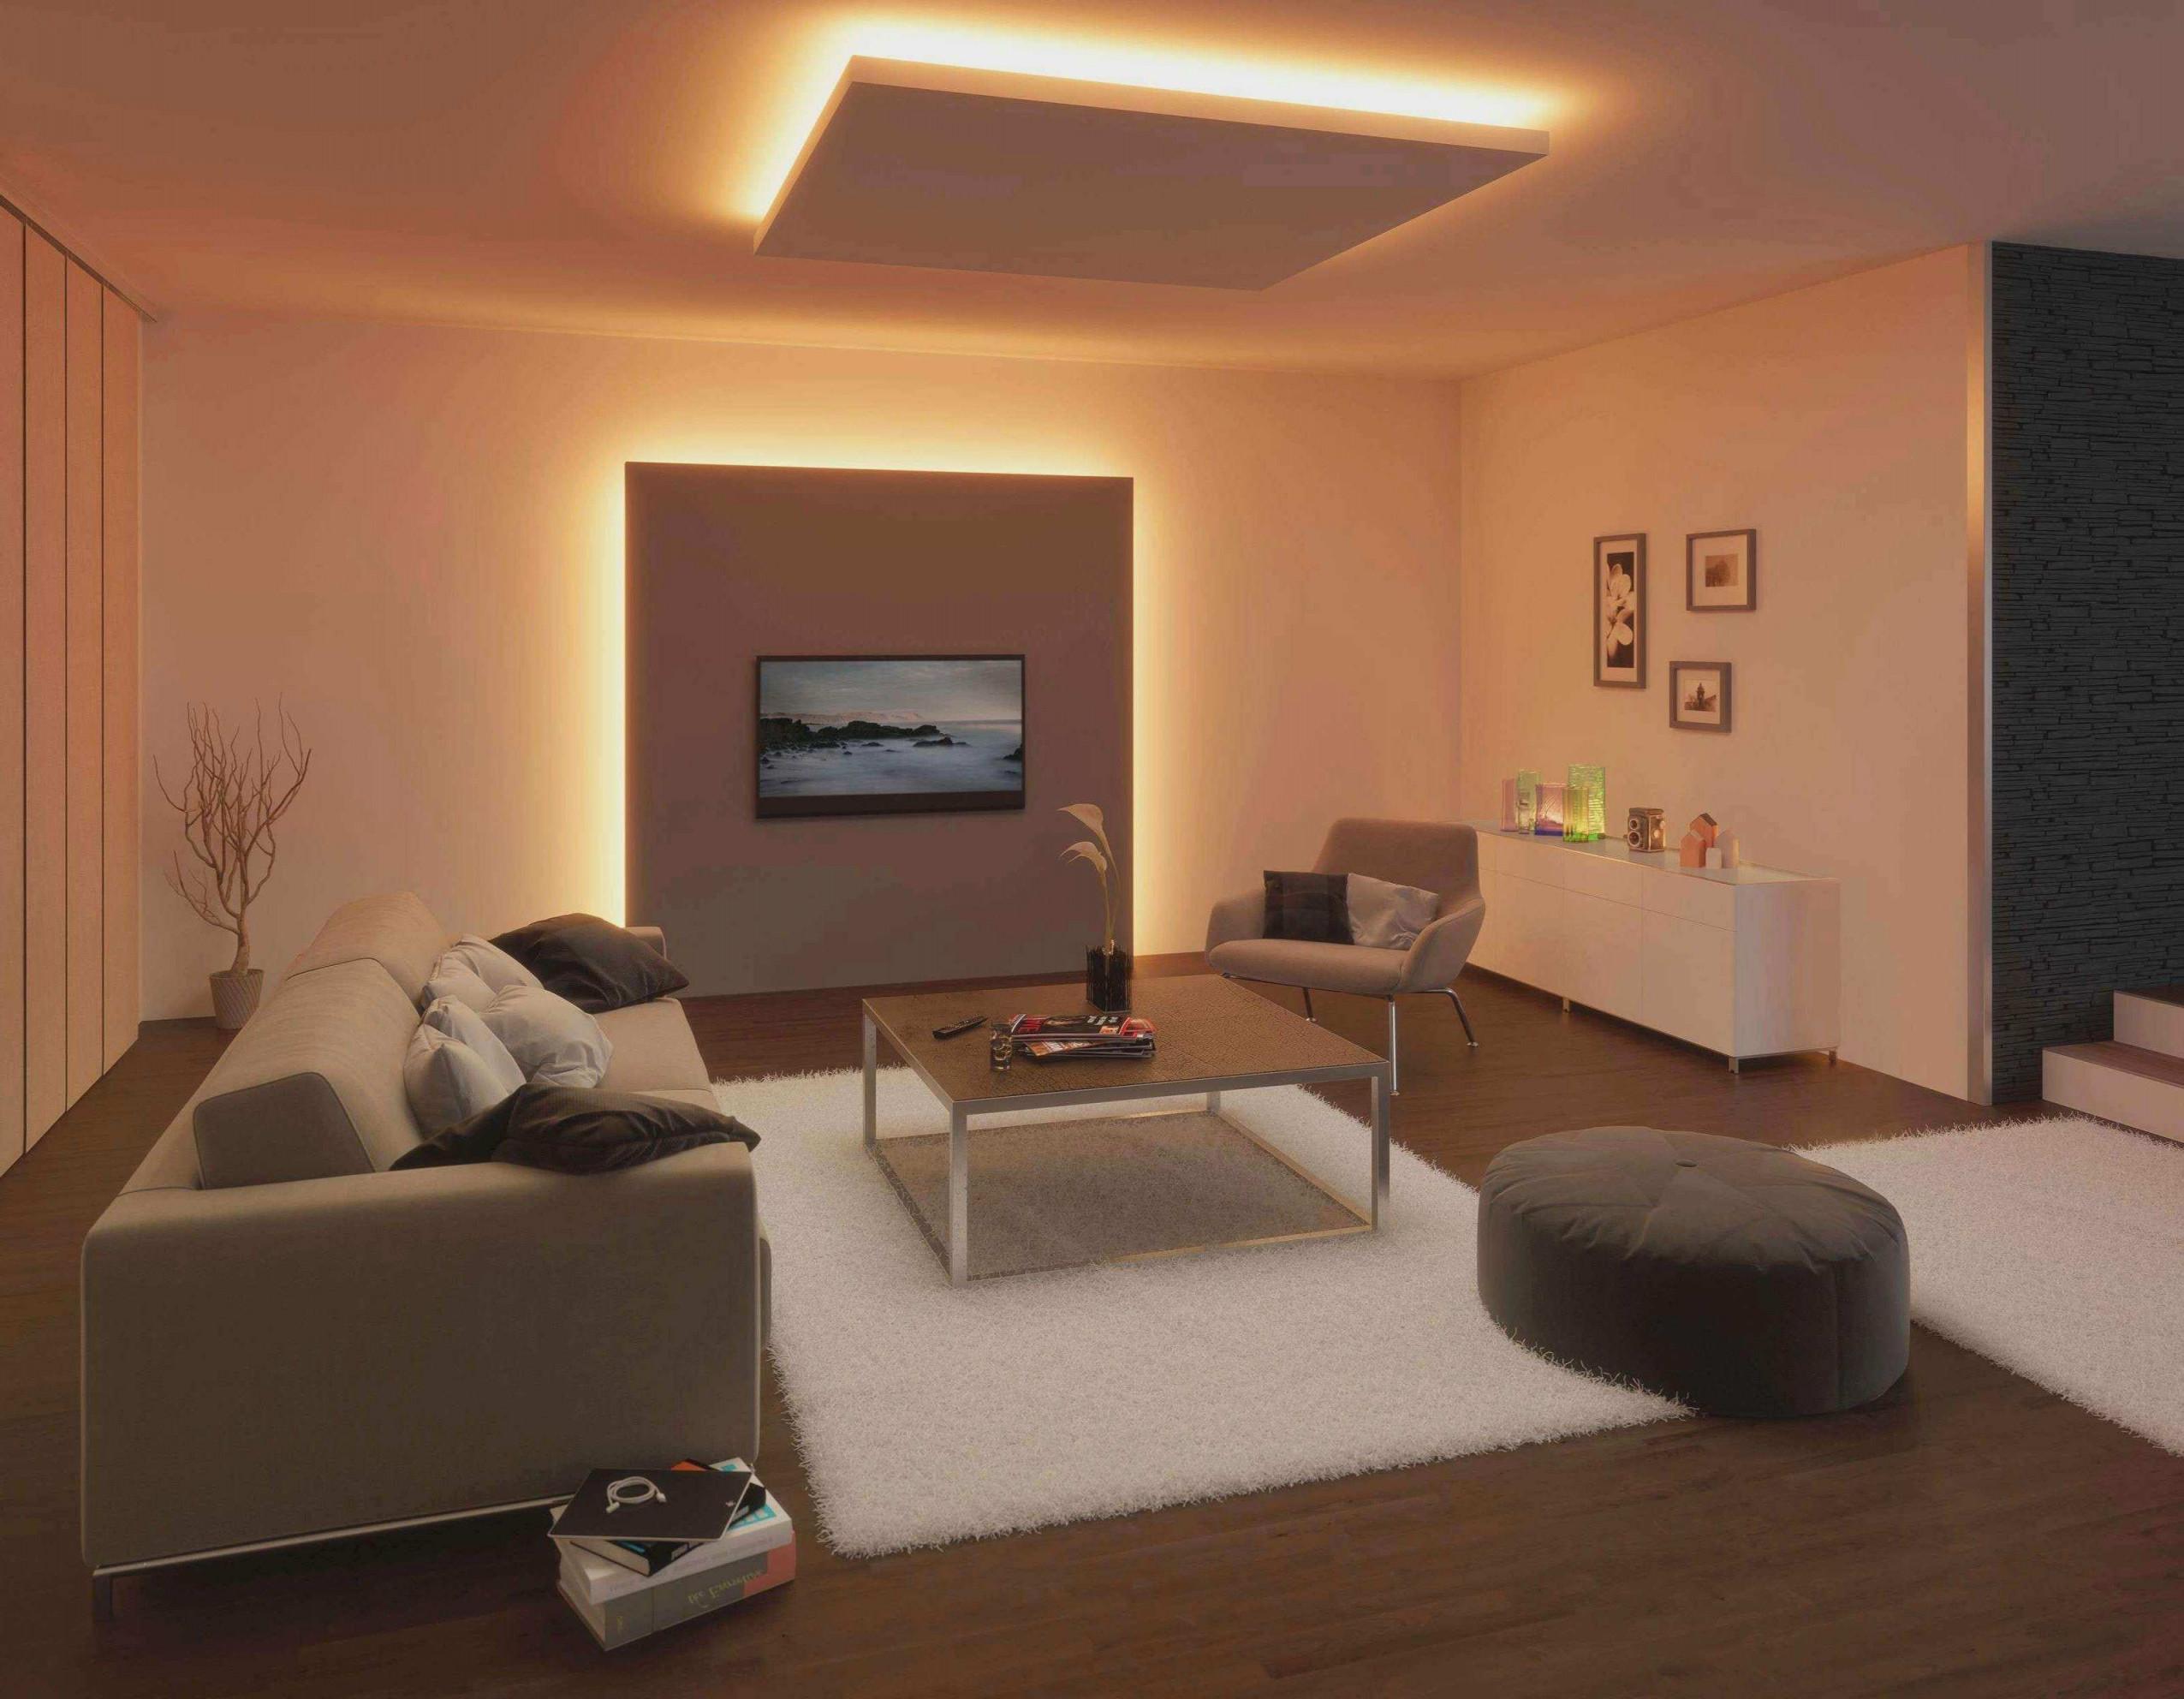 Wohnzimmer Einrichten Tipps Schön Neu Wohnzimmer Gestalten von Wohnzimmer Neu Gestalten Bild